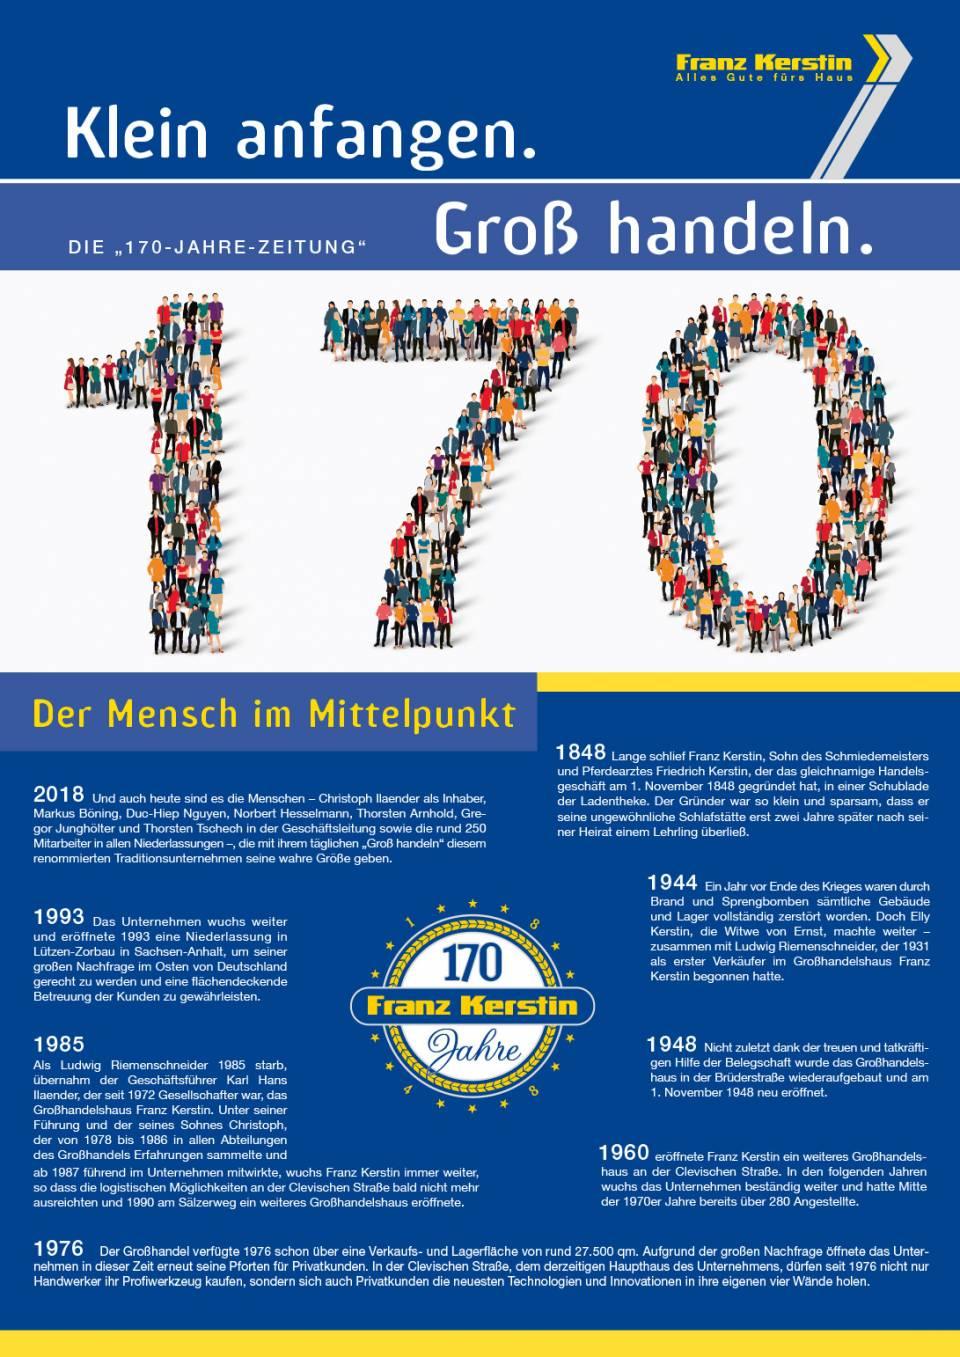 170 Jahre Zeitung Franz Kerstin